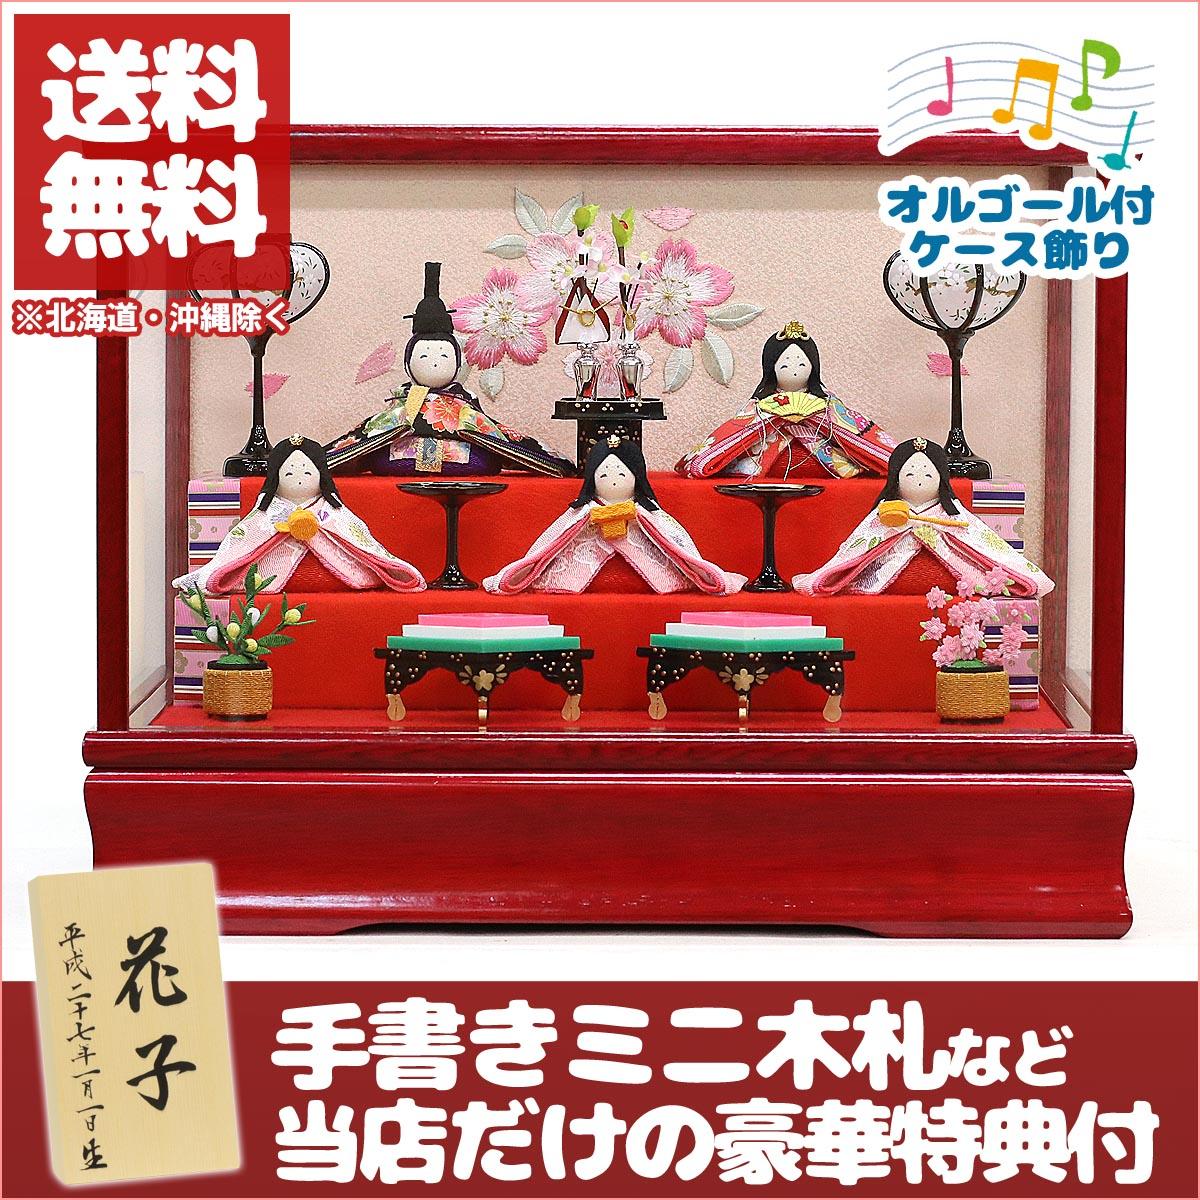 雛人形 リュウコドウ コンパクト ちりめん雛 プレミアムわらべ雛 5人揃い オルゴール付きケース飾り 赤 雛人形 HNRK-MRT-D (1-772 303R)ひな人形 ひな人形 小さい